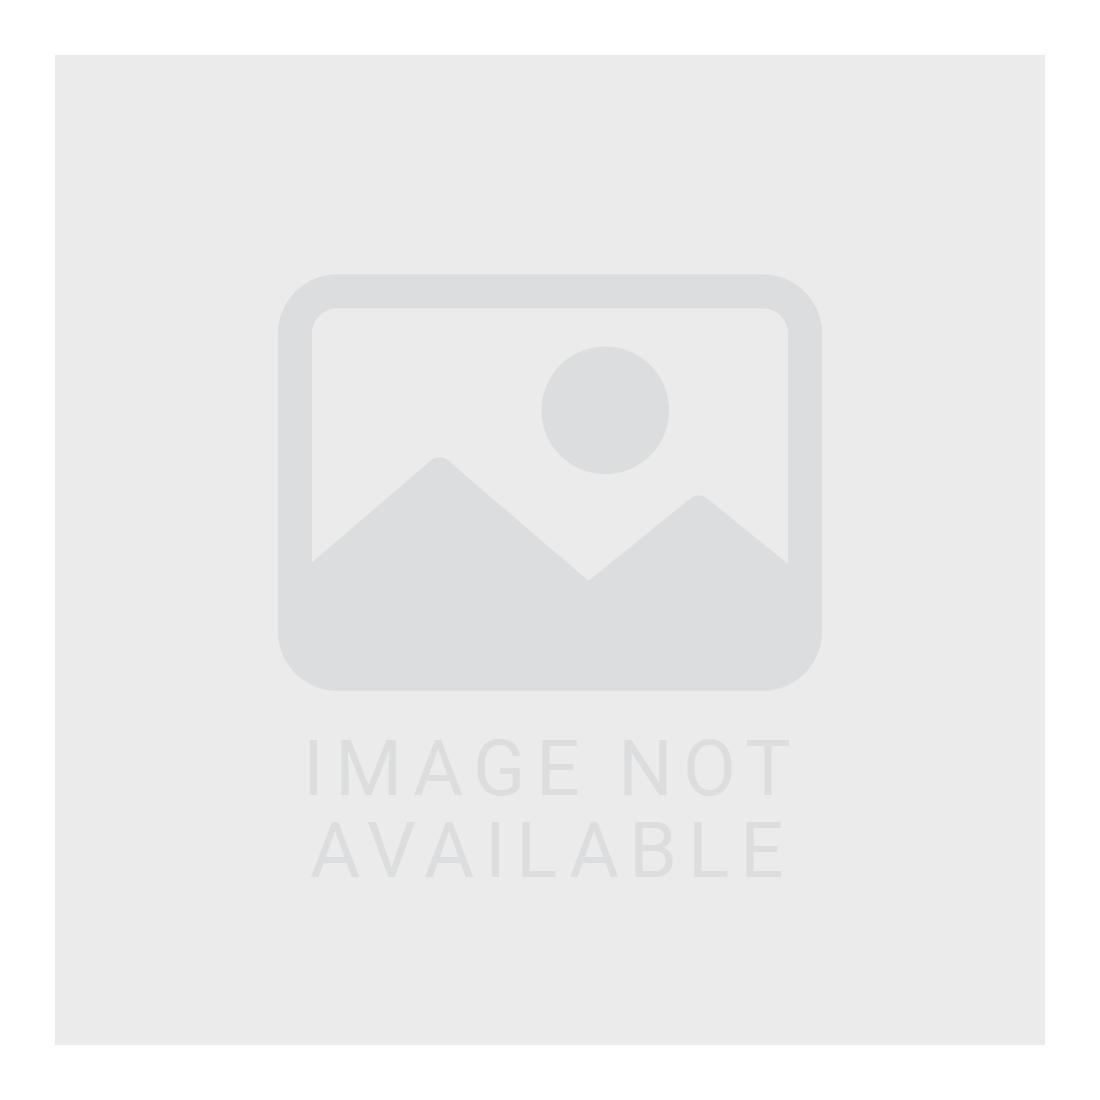 Touchscreen Mechanics Gloves